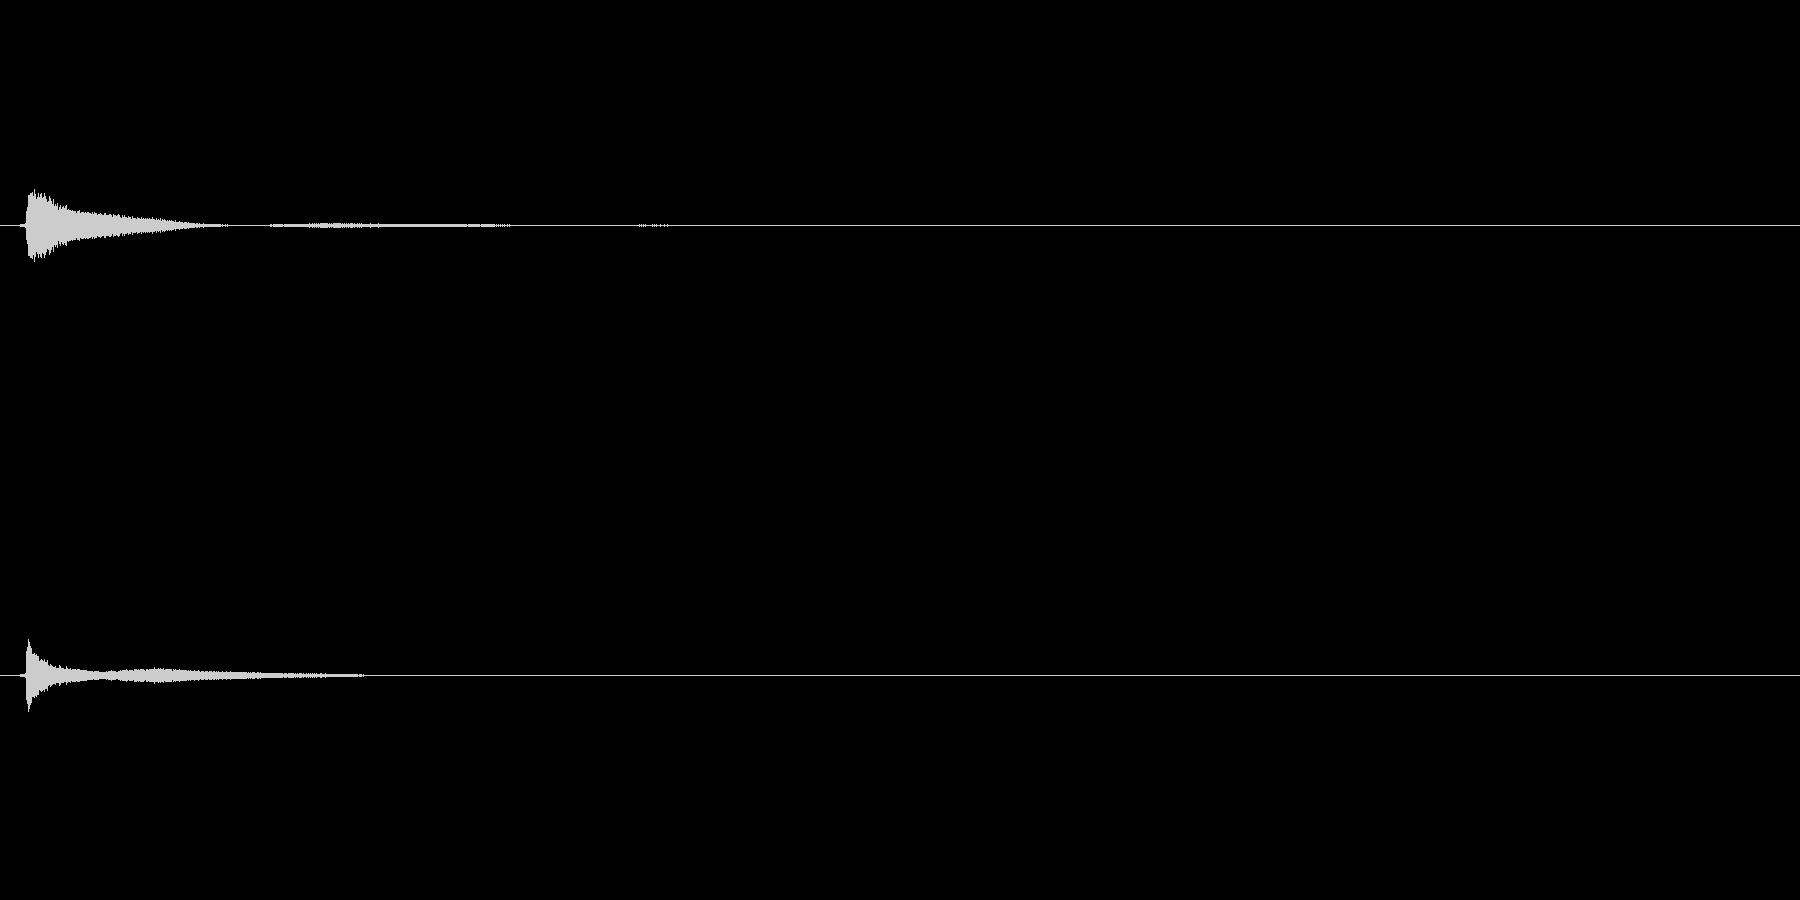 キラキラ系_019の未再生の波形